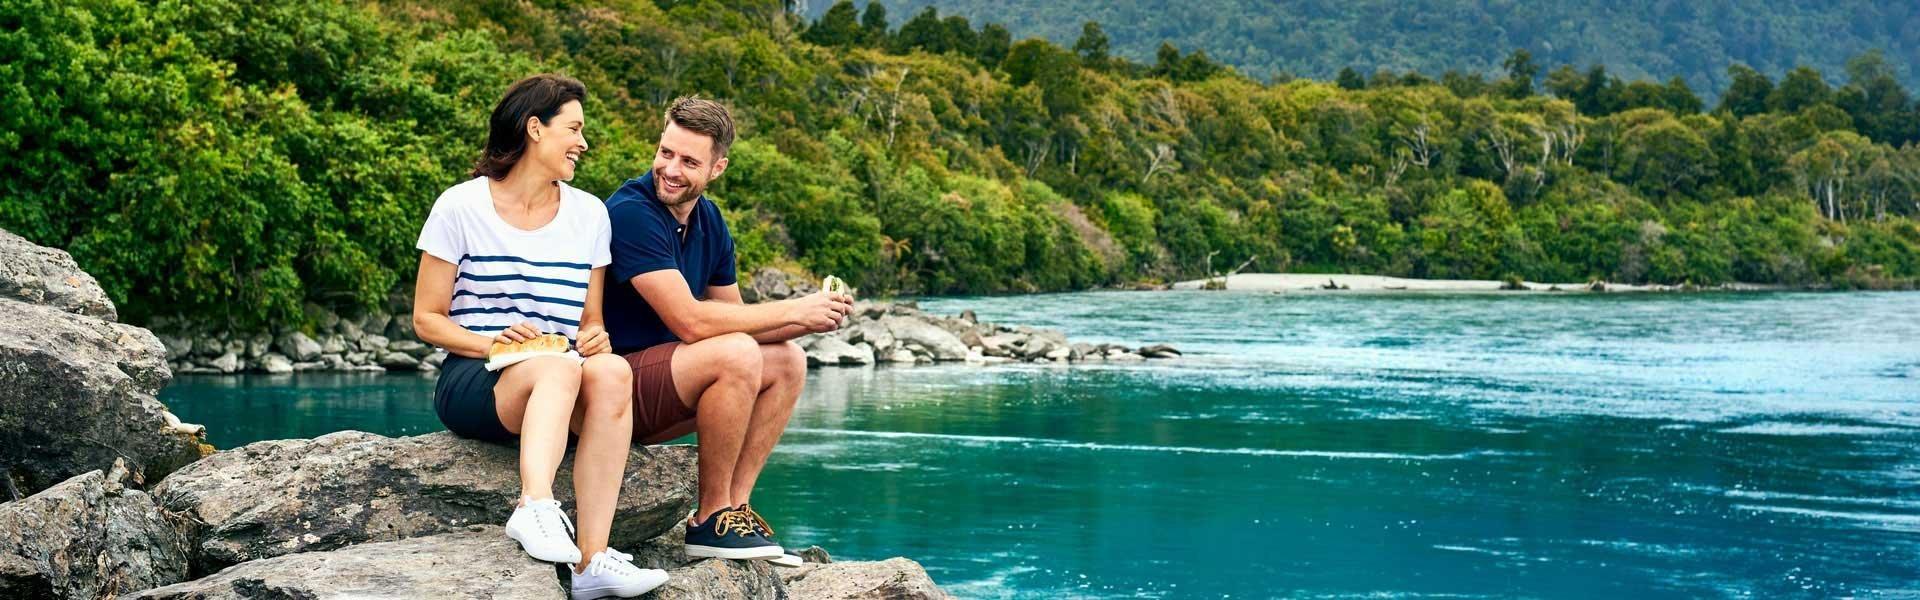 Ontdek de west coast van Nieuw Zeeland tijdens een campervakantie met Victoria CamperHolidays